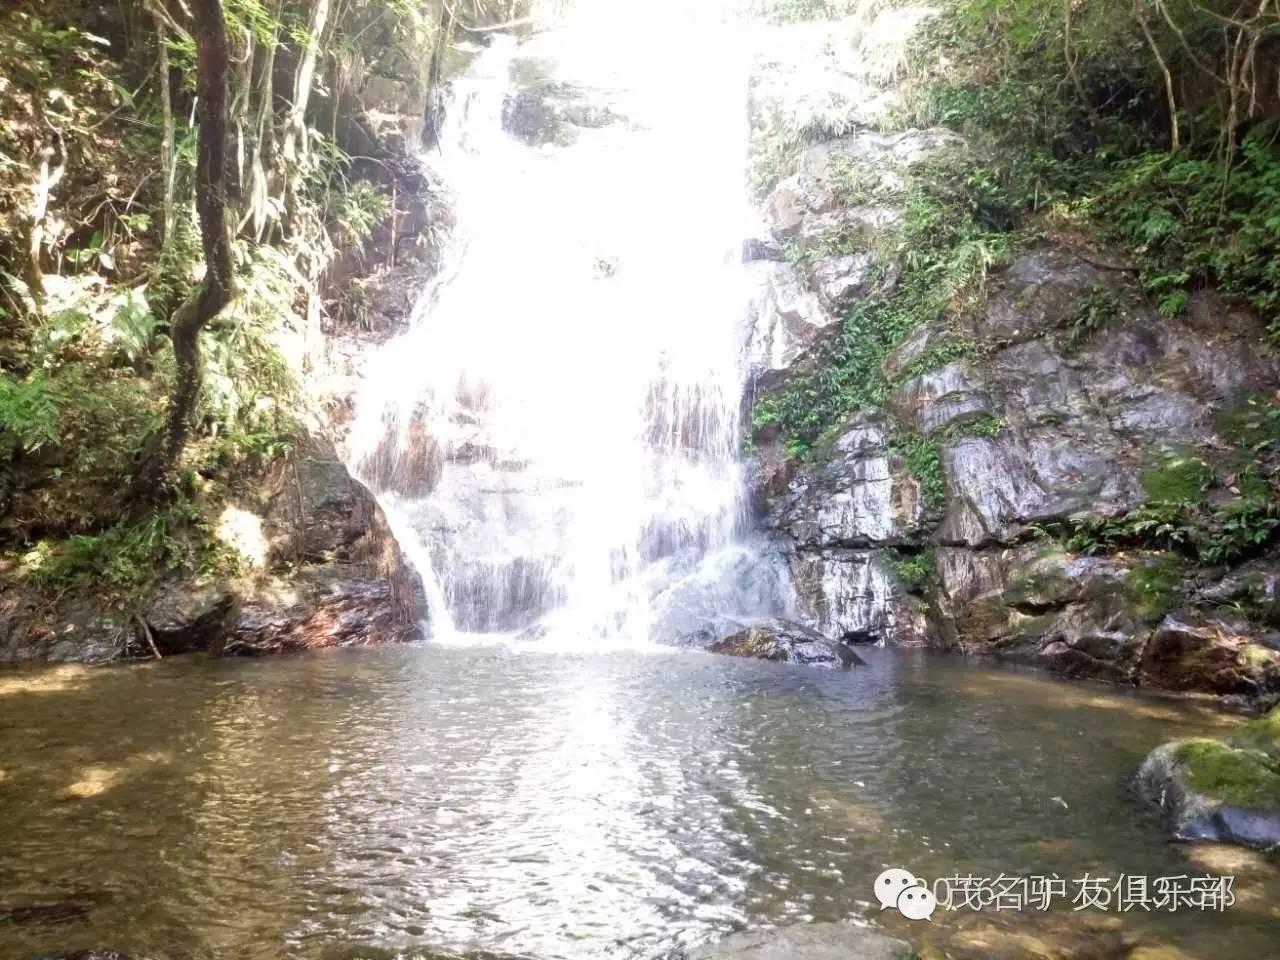 5月20日21日罗定龙湾生态旅游区赏壮观瀑布群,古藤,溯溪,制蓝工场遗